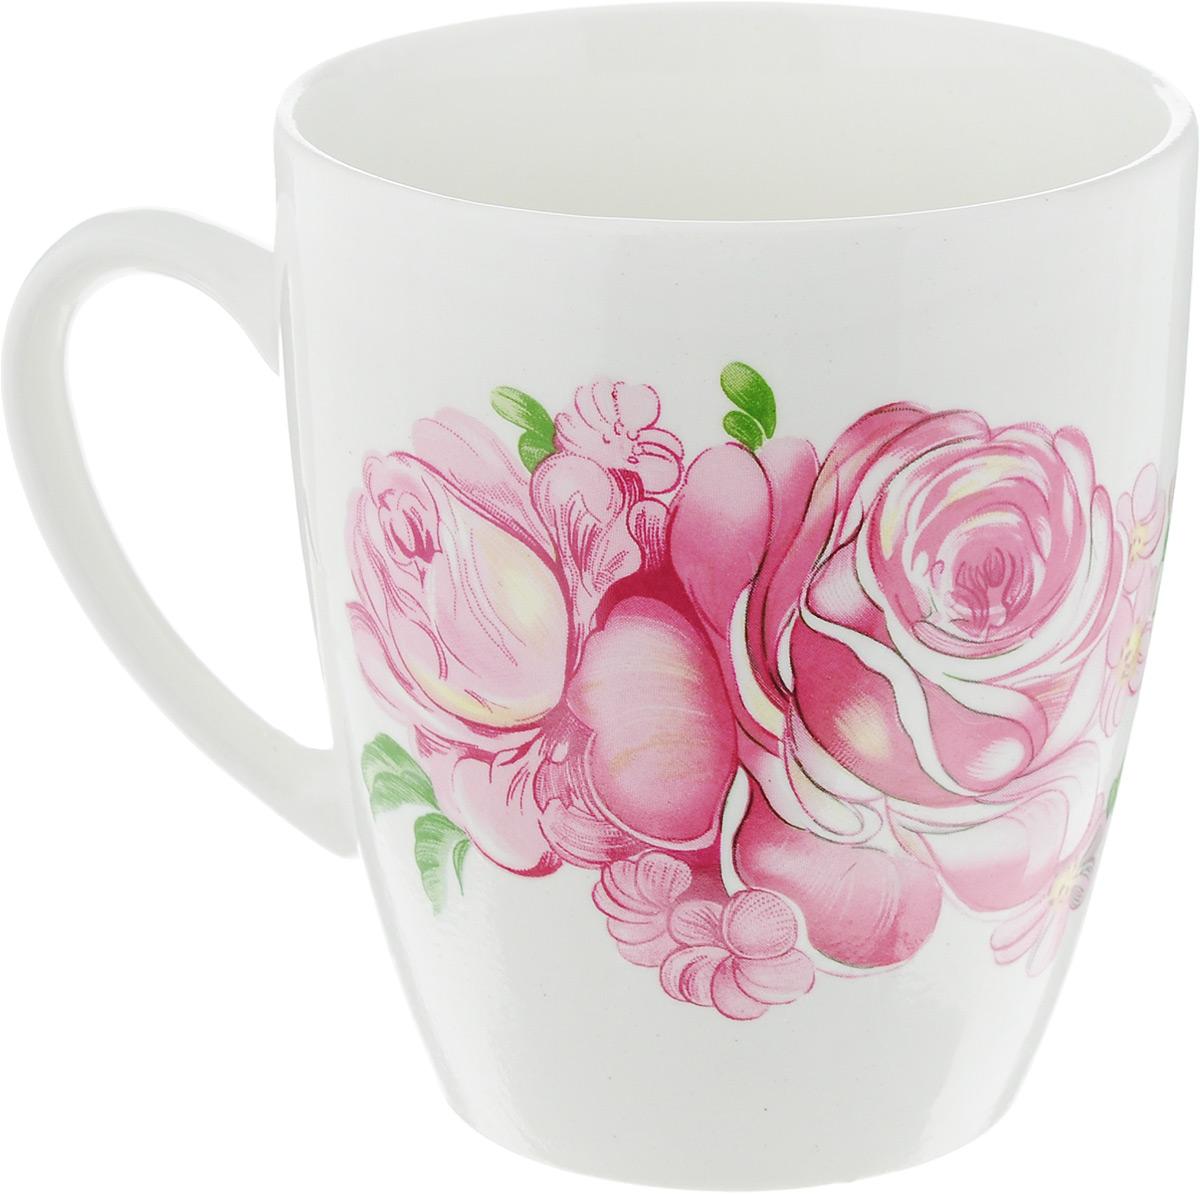 Кружка Кубаньфарфор Розовые розы, 370 мл0177_Розовые розыОригинальная кружка Кубаньфарфор Розовые розы выполнена из высококачественного фаянса и оформлена изображением роз. Такая кружка станет отличным дополнением к сервировке семейного стола и замечательным подарком для ваших родных и друзей. Диаметр кружки (по верхнему краю): 8,5 см. Высота кружки: 10 см.